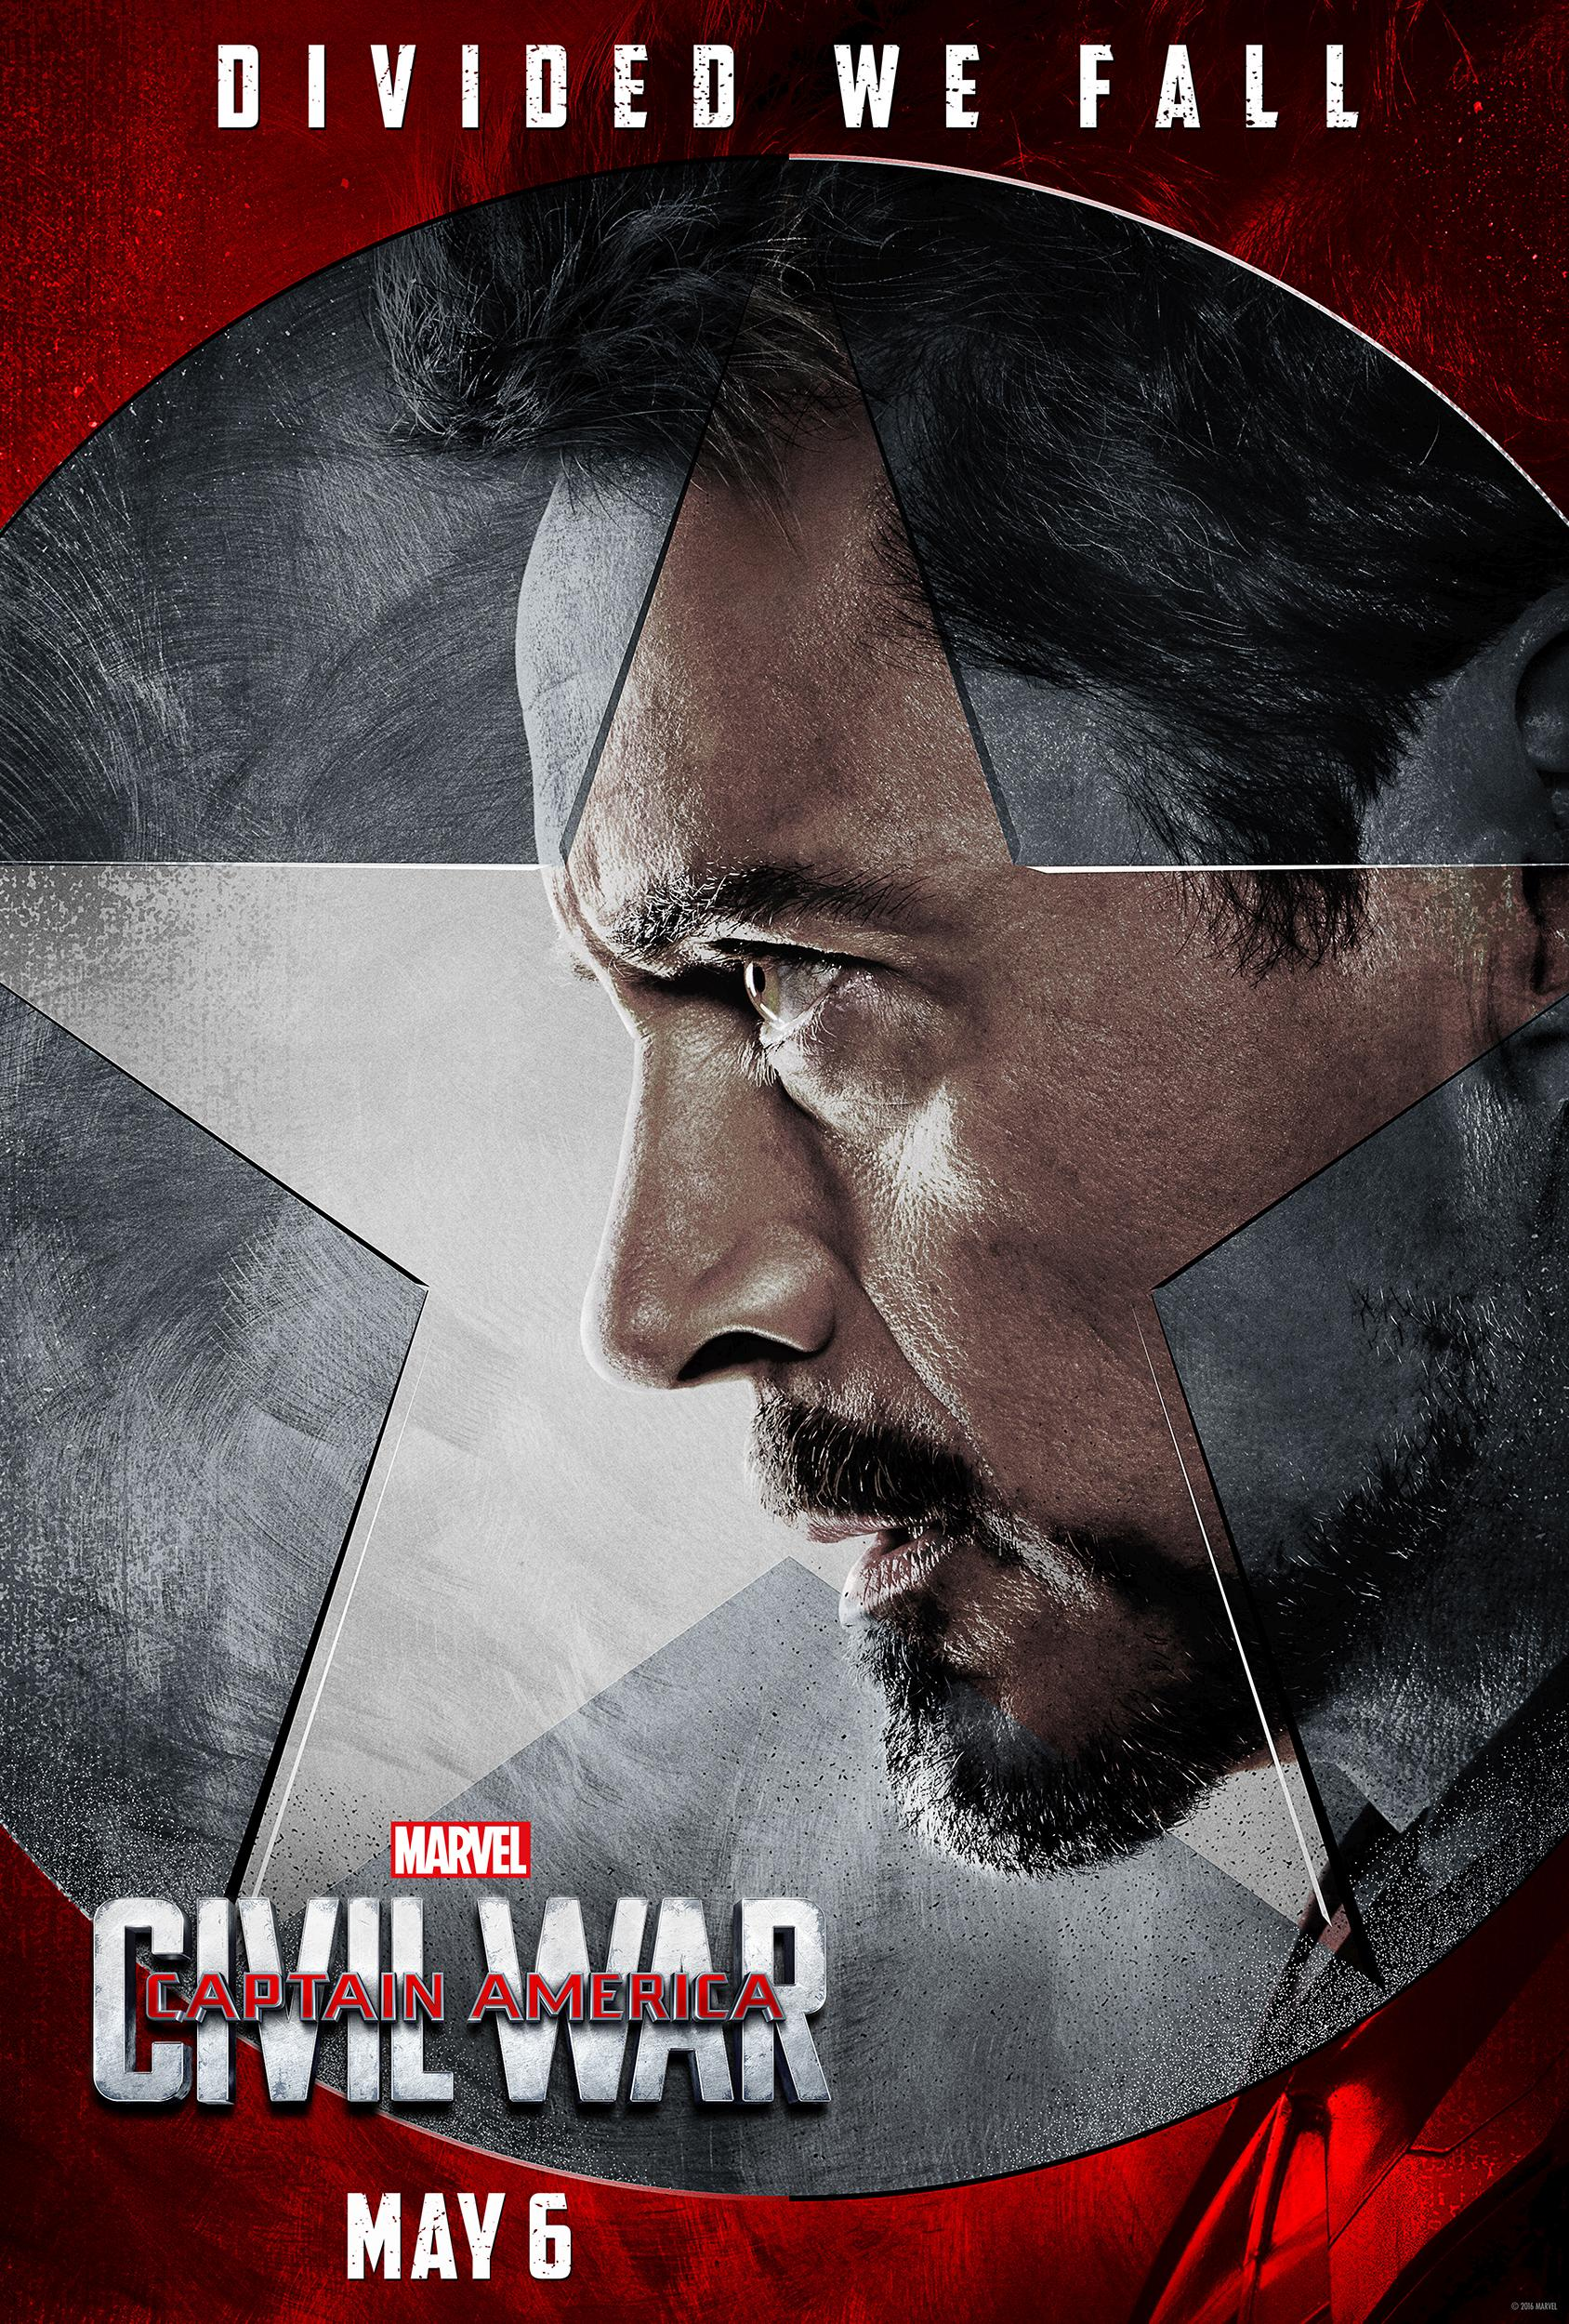 《美国队长3:内战》再曝光角色海报 钢铁侠战队登场 影片剧情时间表疑外泄